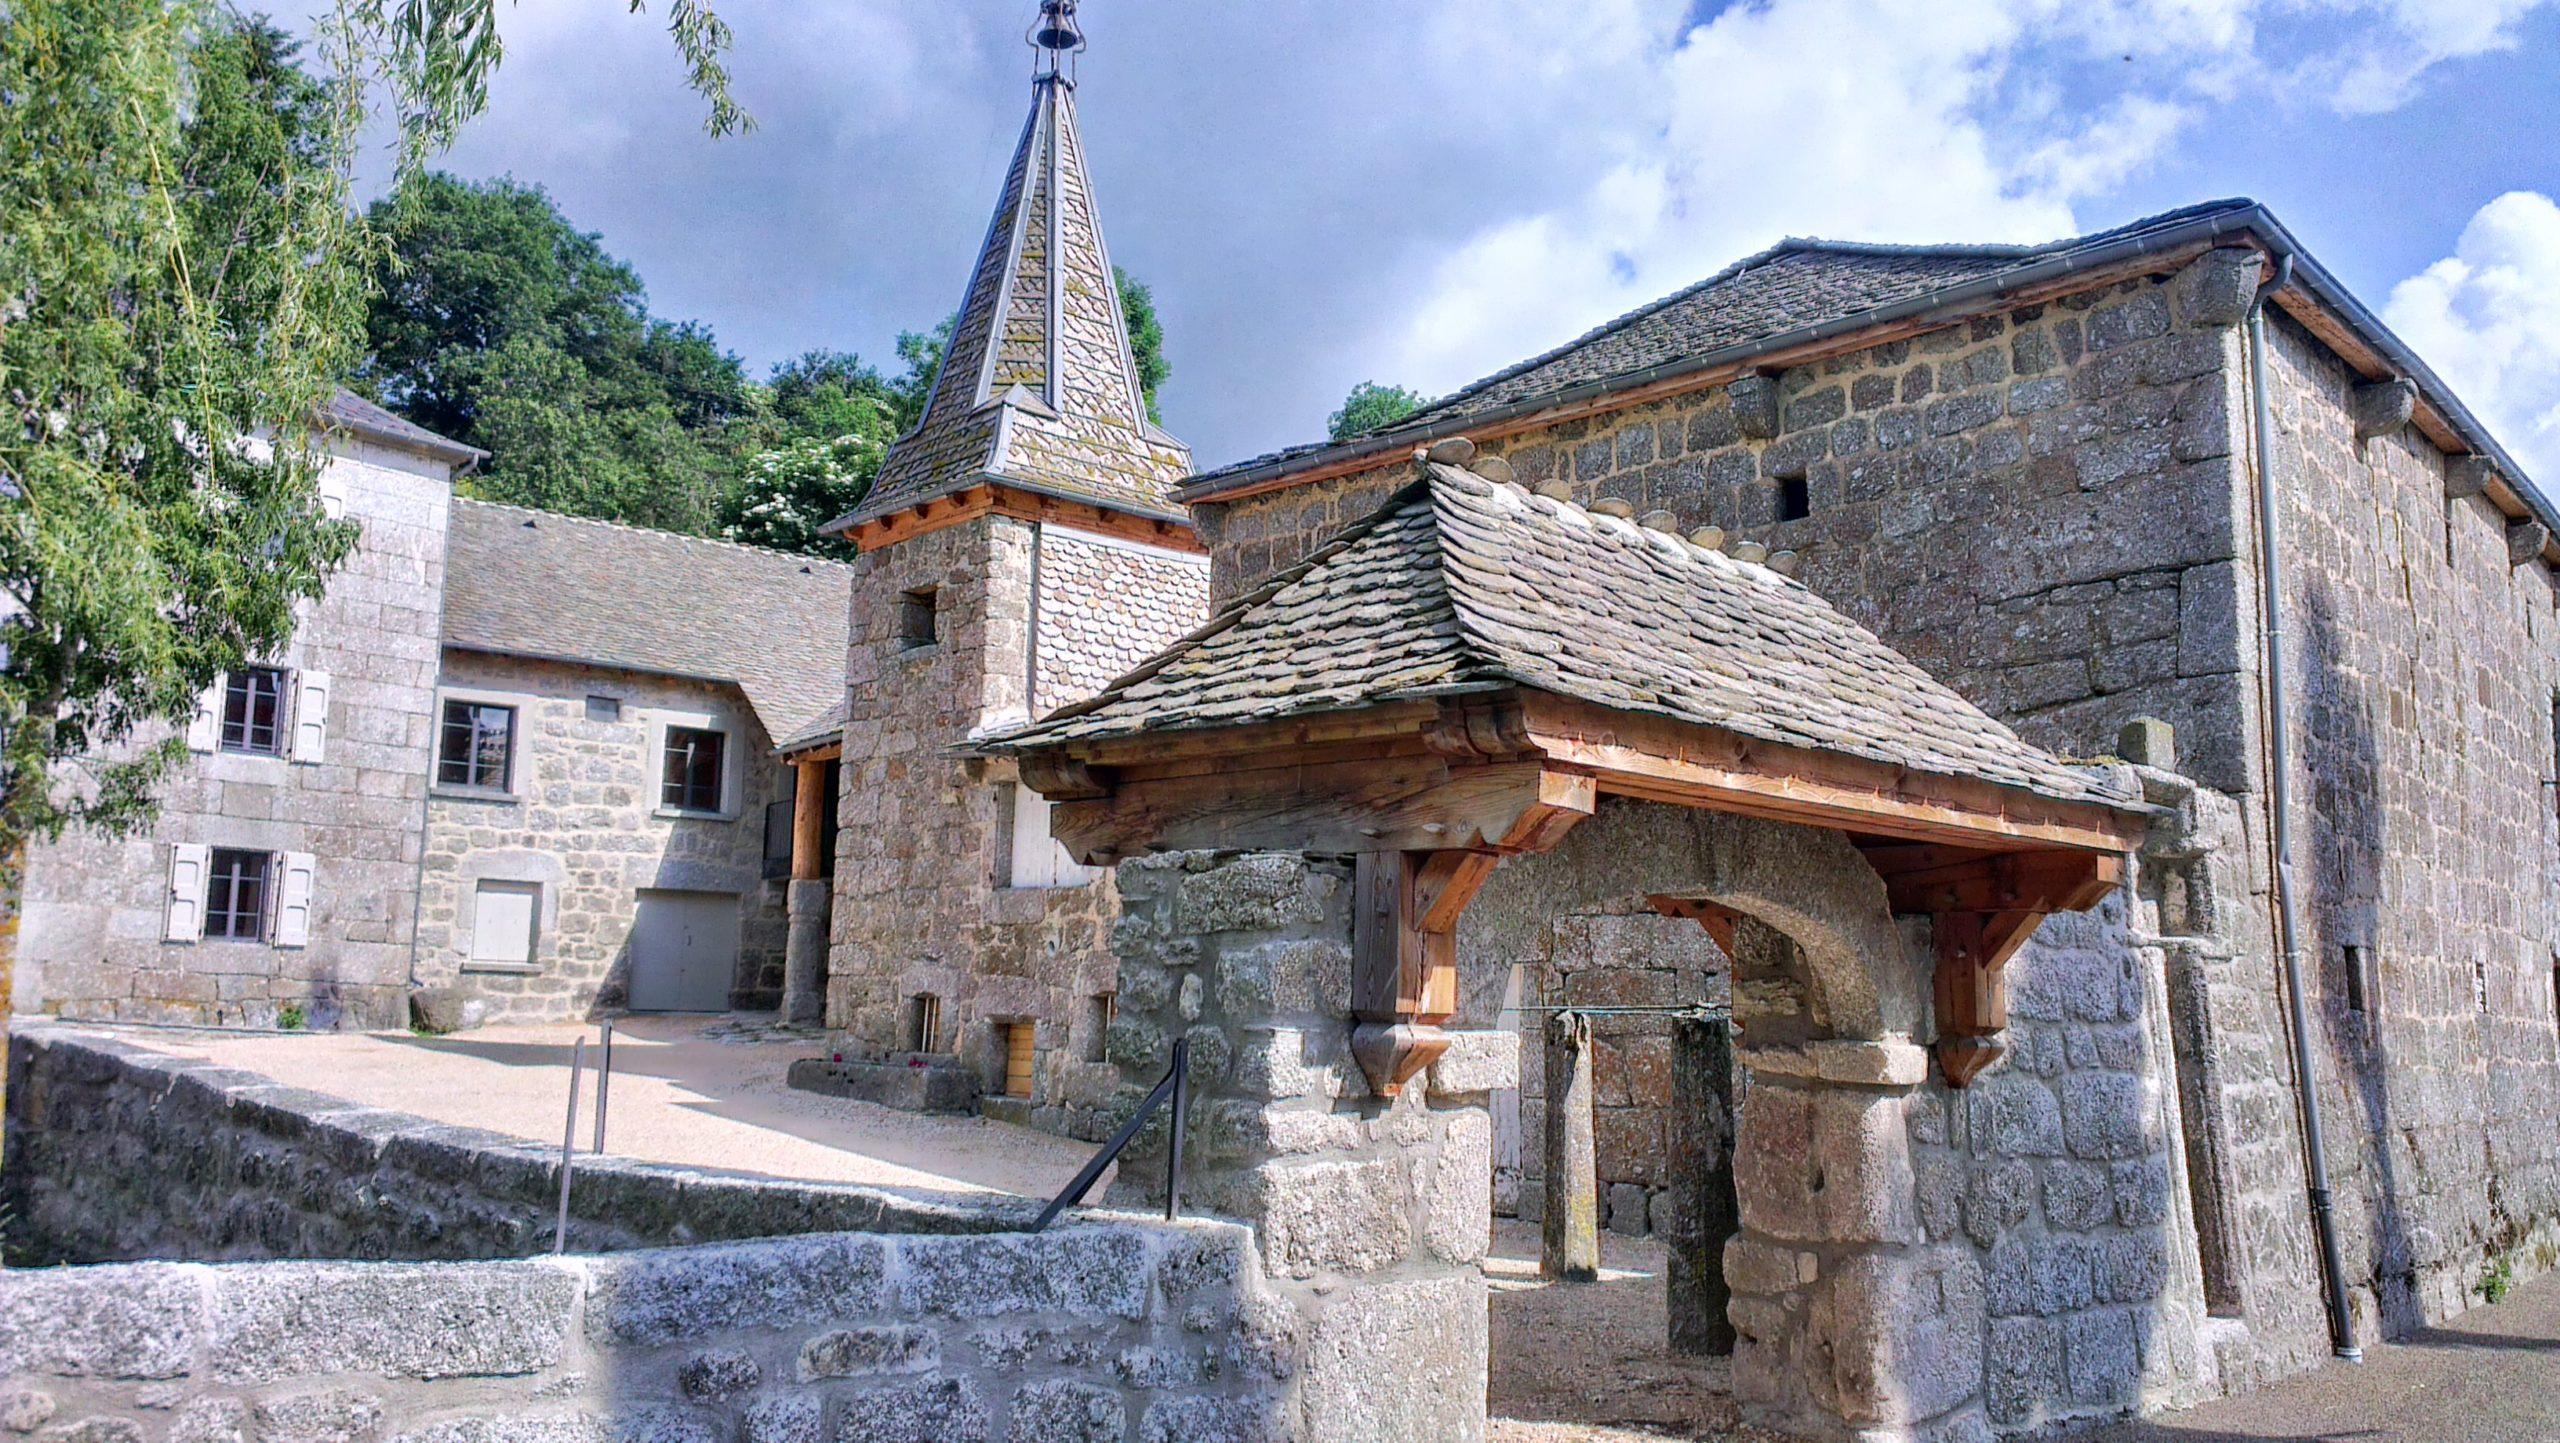 Domaine de Coulagnettes - St Amans - Margeride - Lac de Ganivet